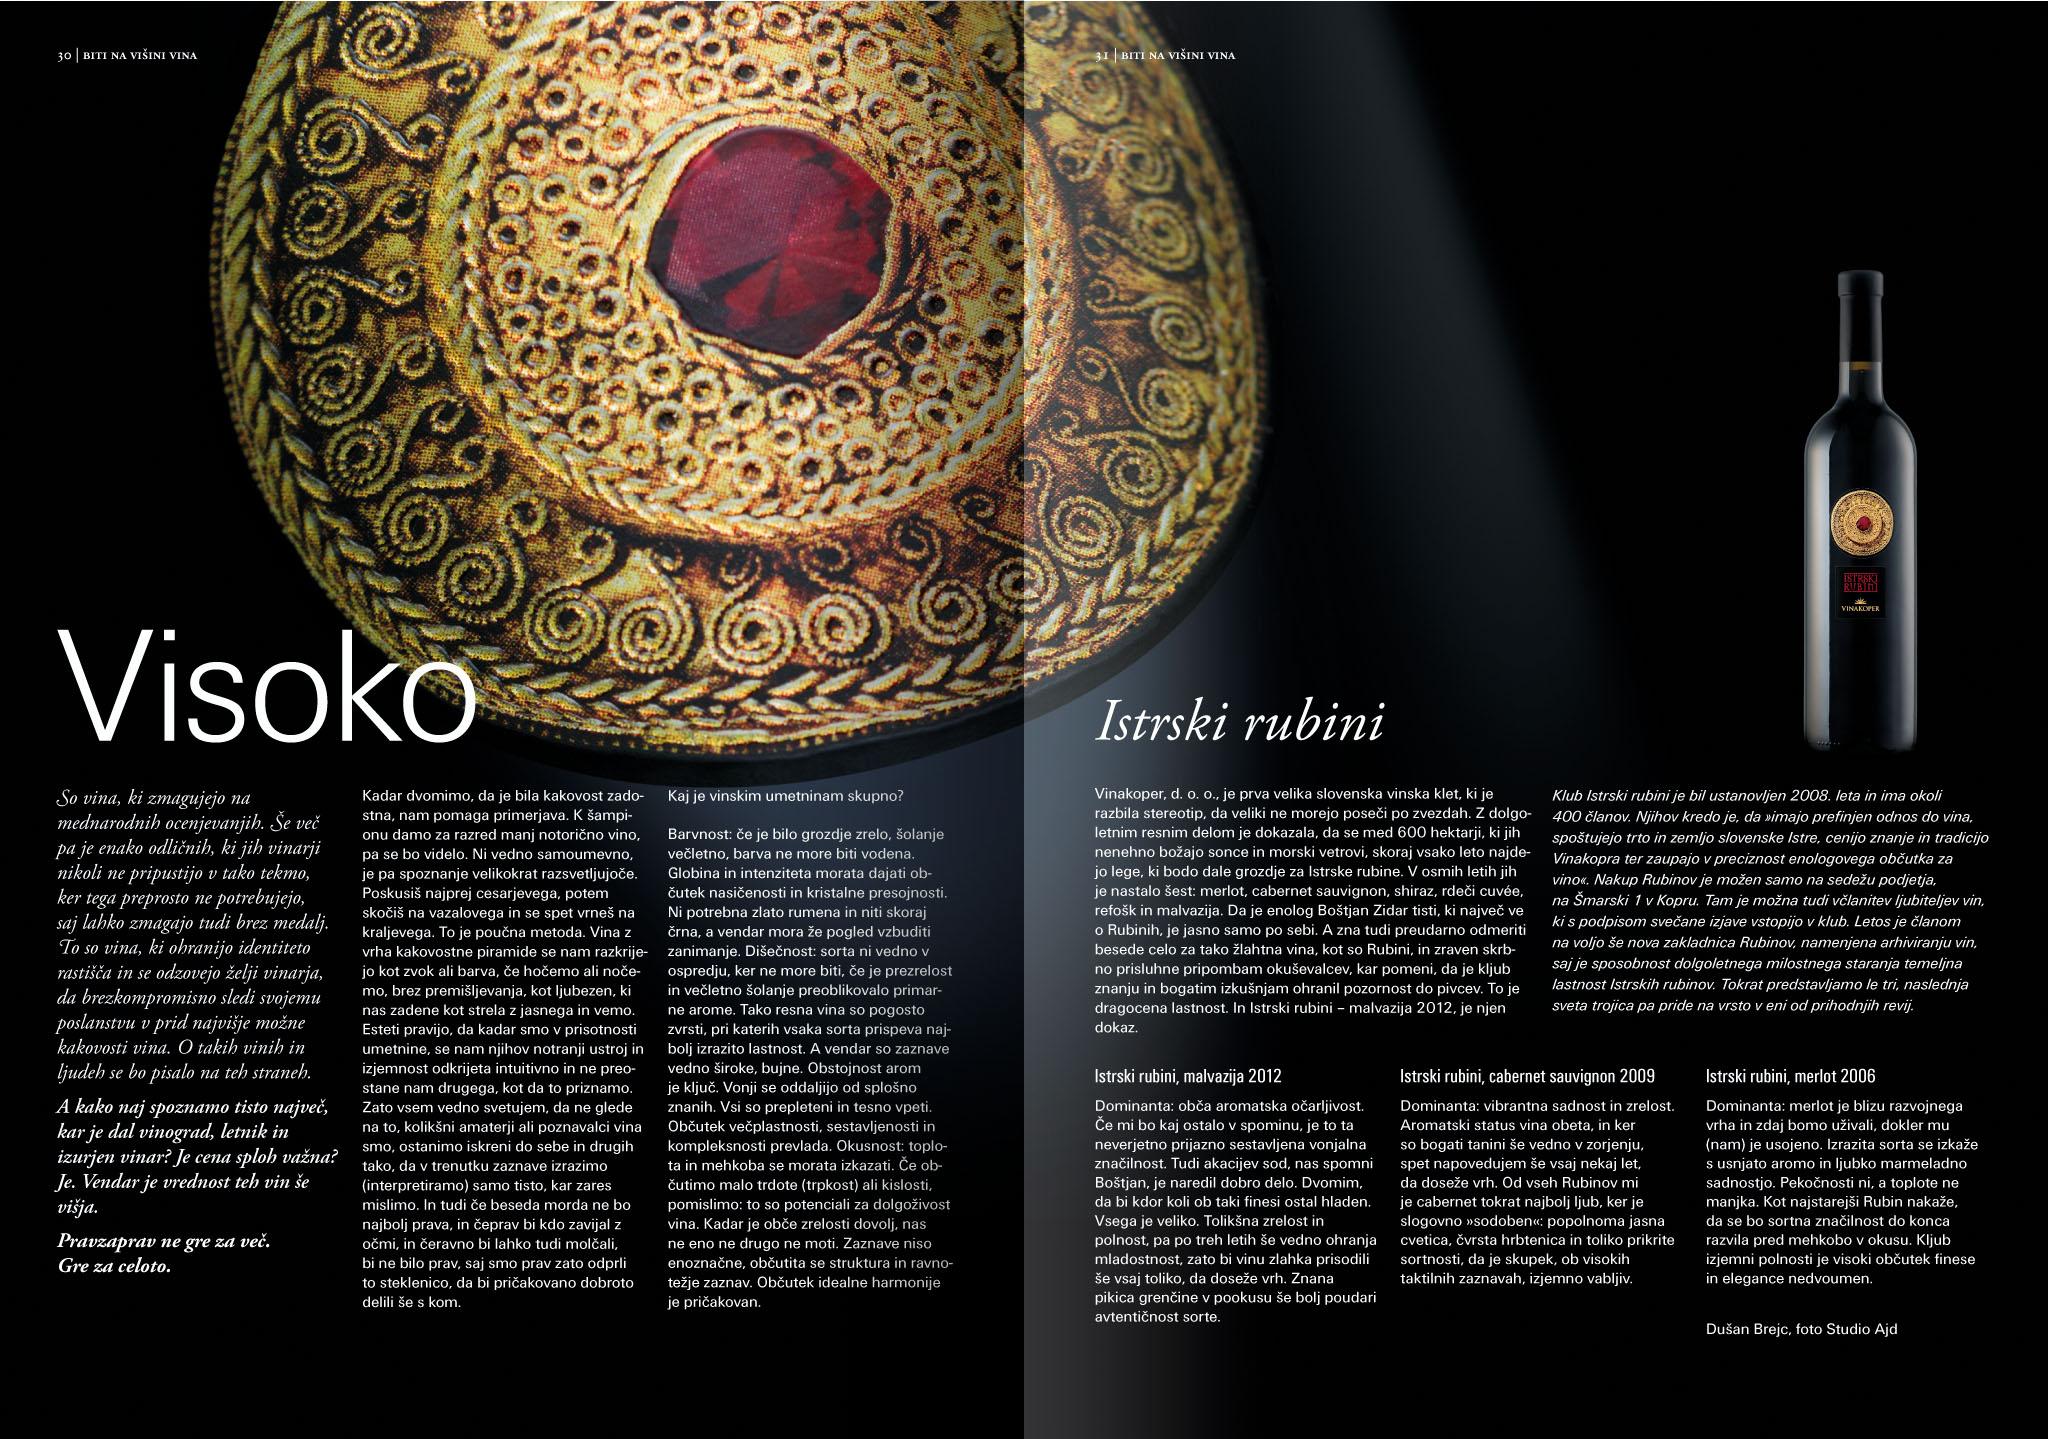 Revija Vino, pomlad 2015strani 31 in 31 - članek Visoko· Naročnik: Revija Vino · Fotografija za članek: Marijan Močivnik · Fotografija steklenice: Primož Brankovič · 2015 ·